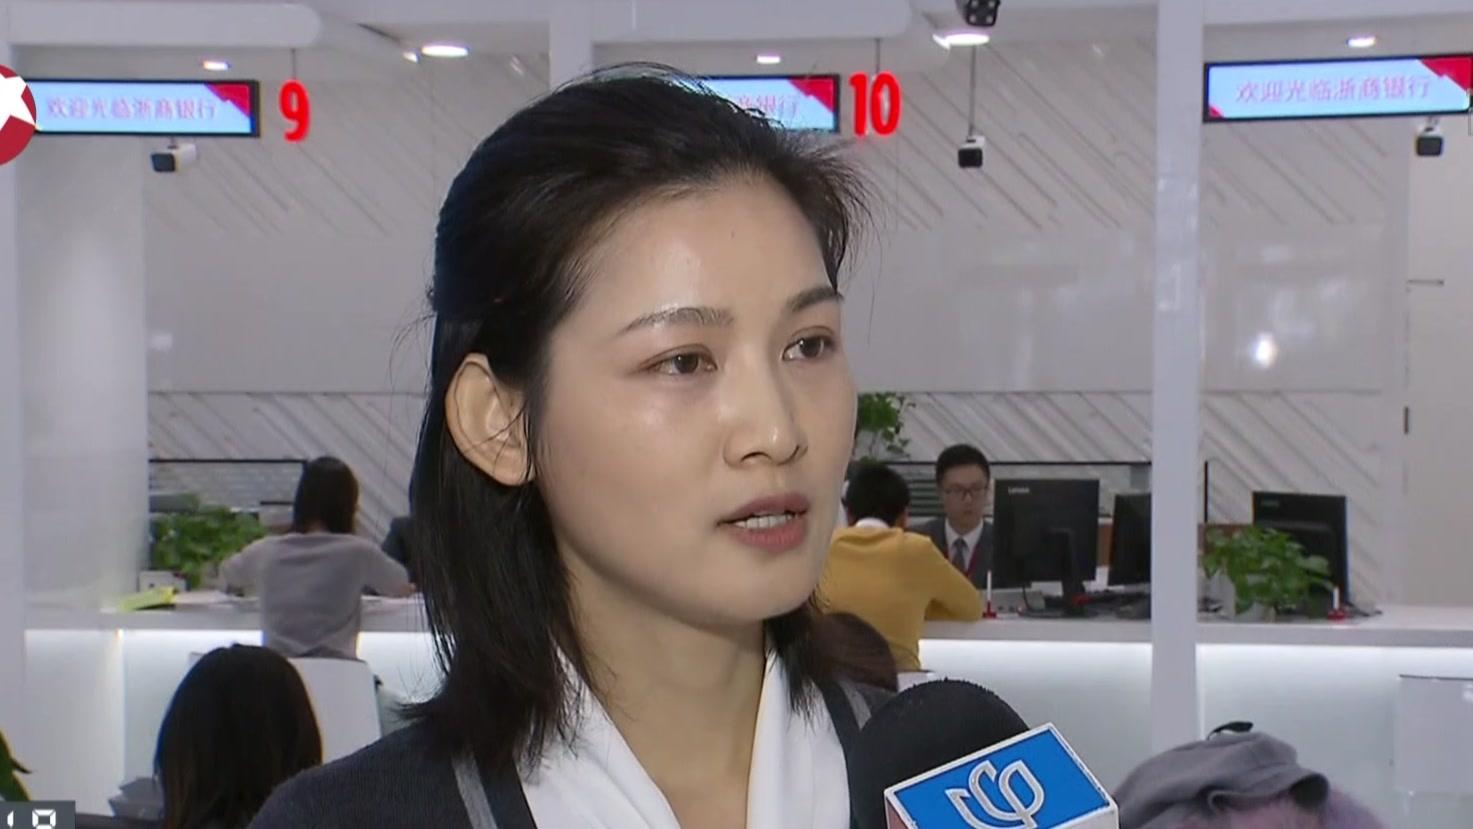 上海:多家银行推理财转让业务